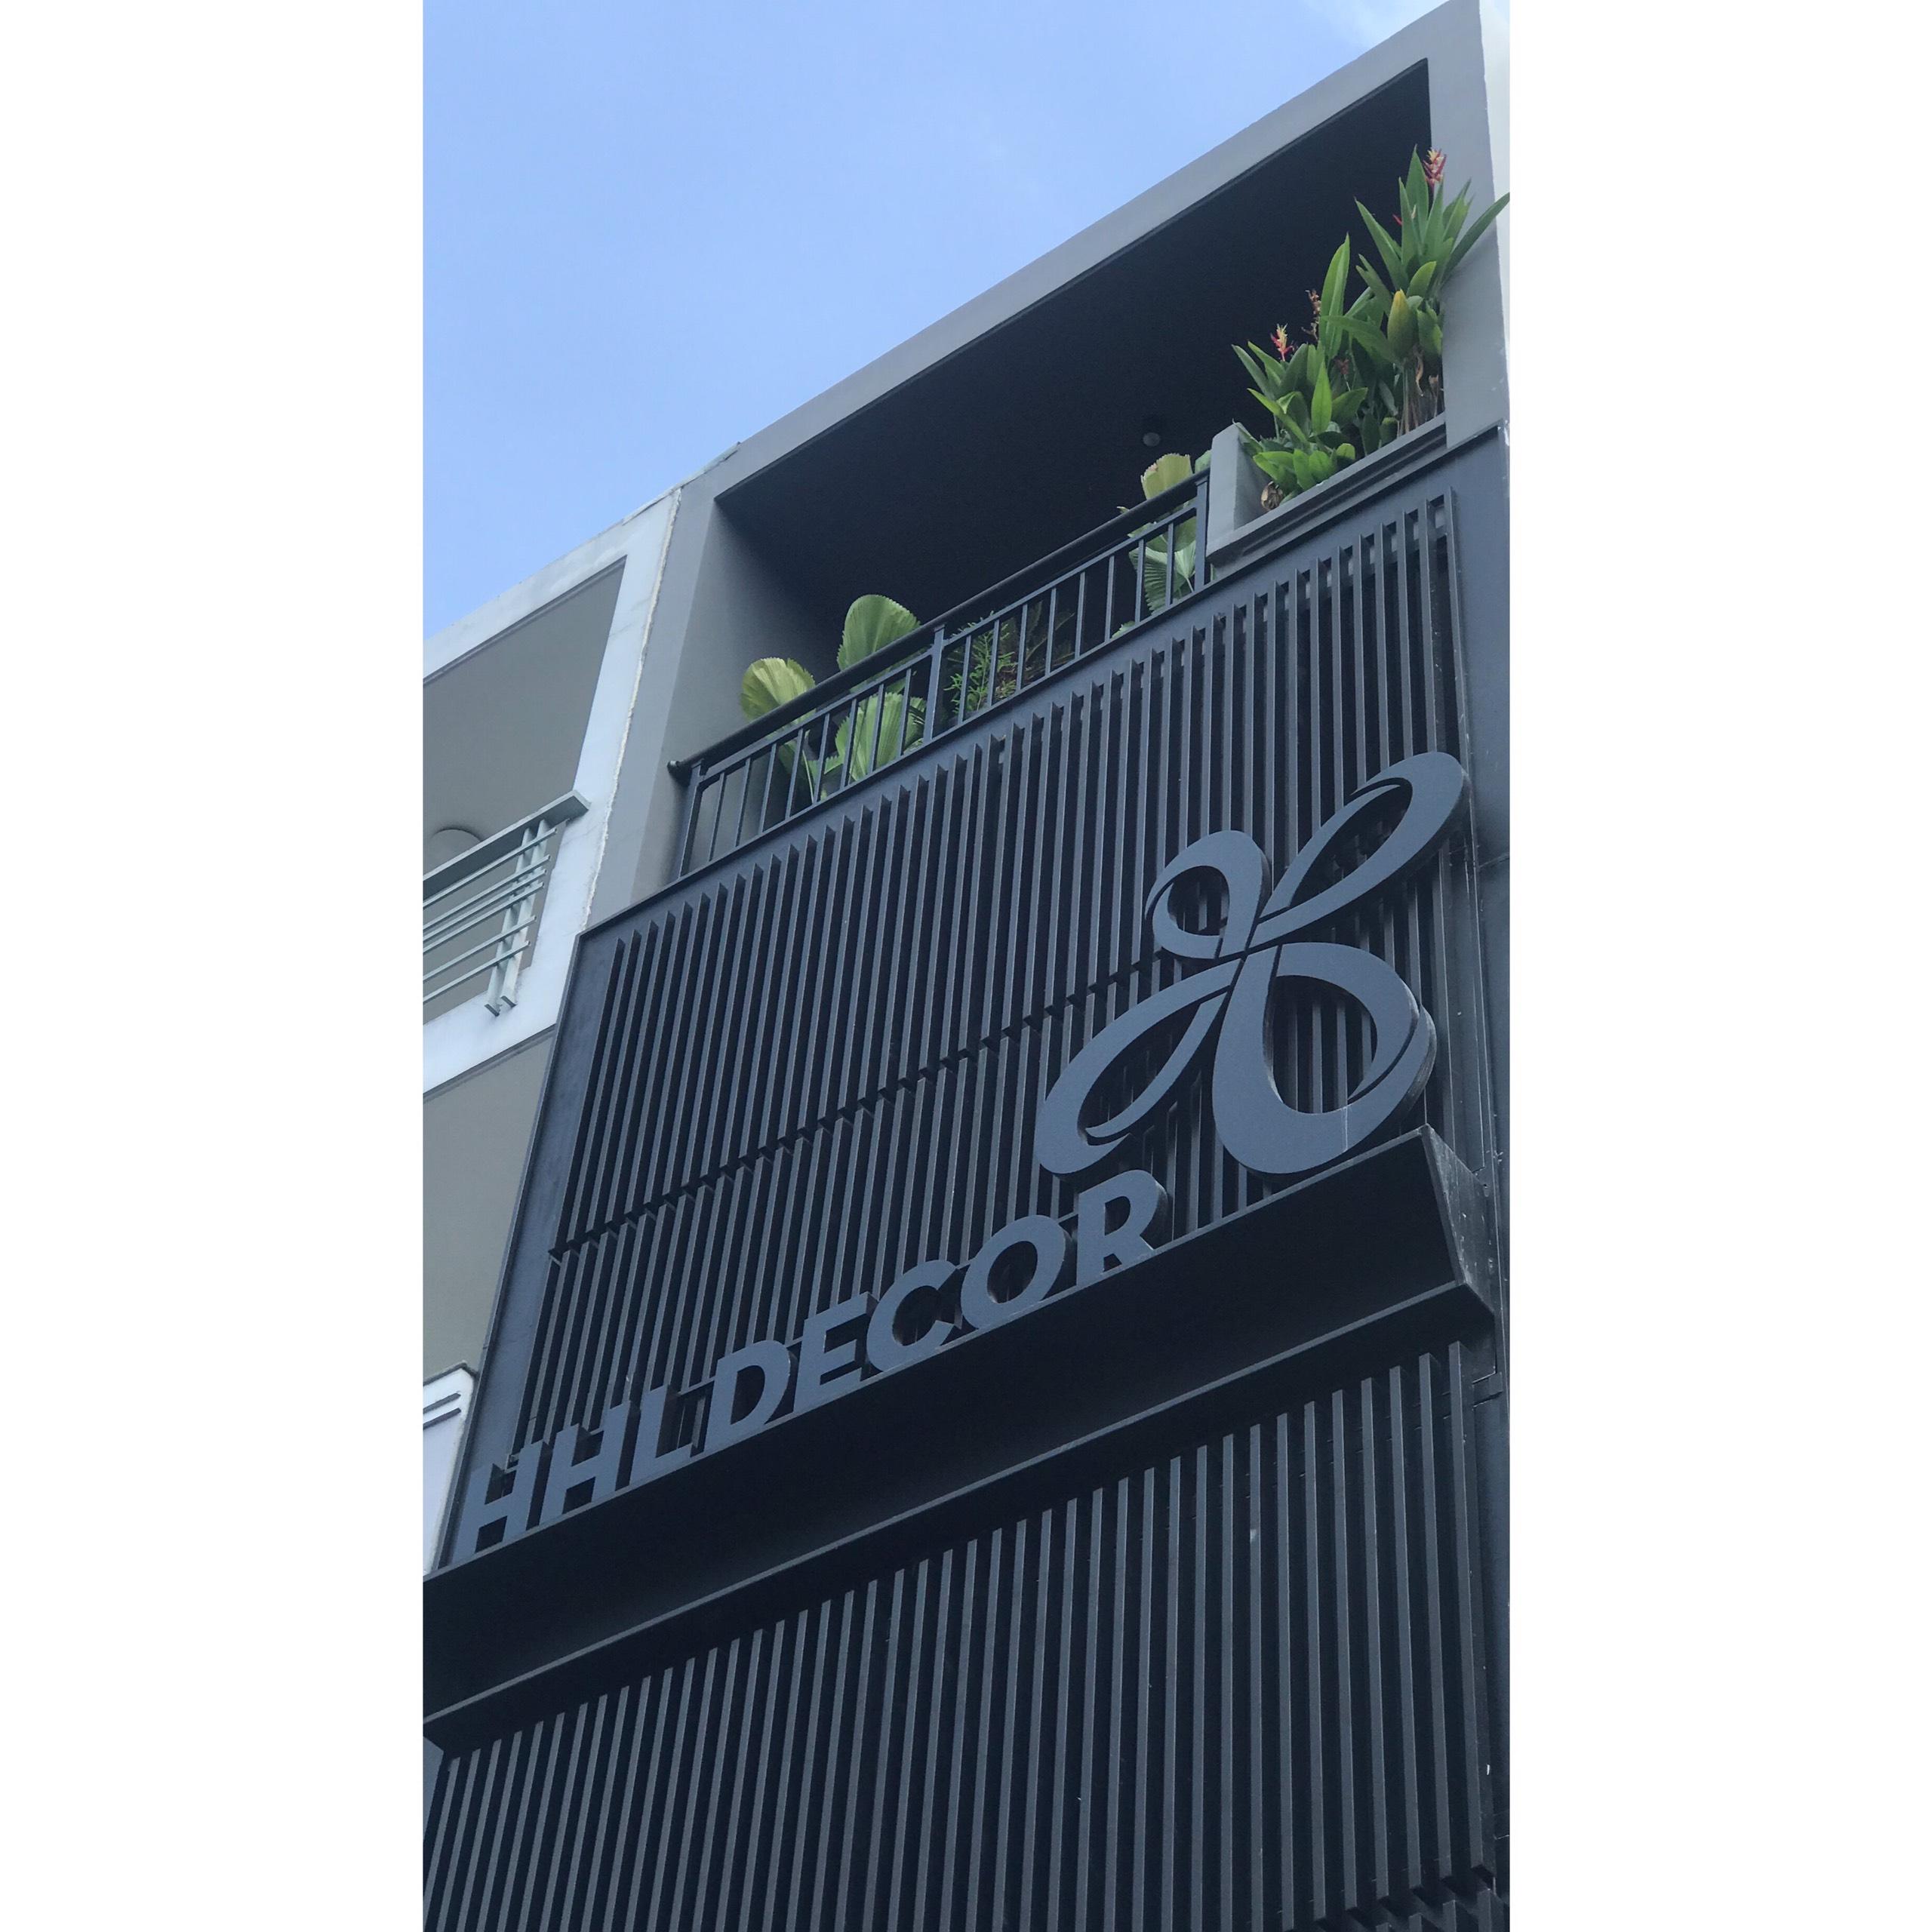 Câu chuyện thương hiệu trong thiết kế nội thất văn phòng HHLDECOR